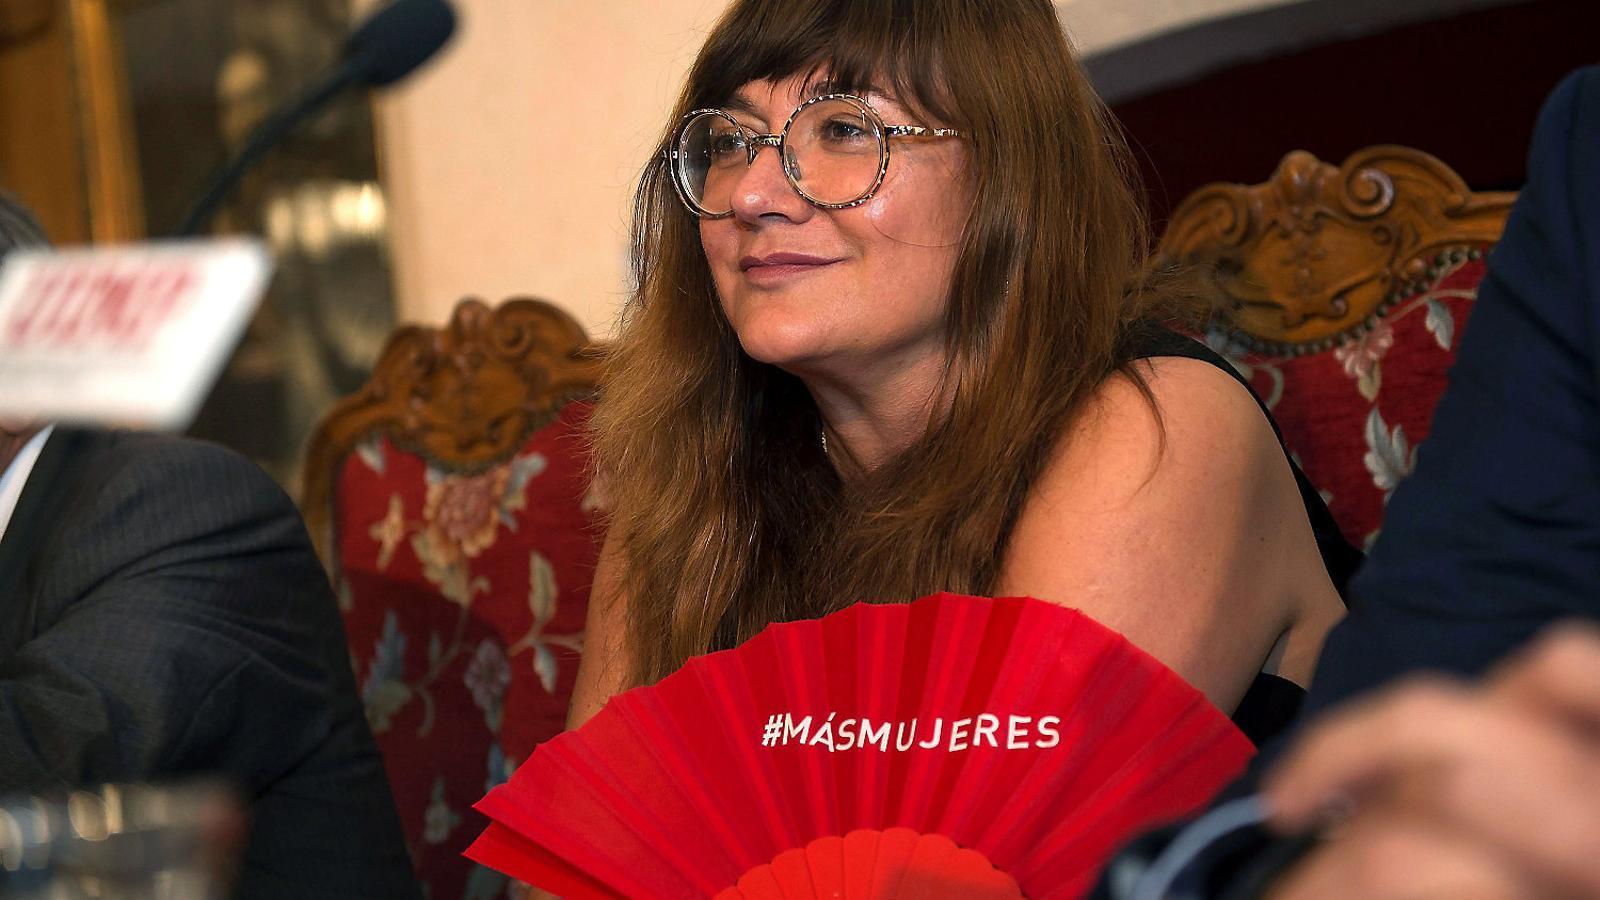 Isabel Coixet en una imatge d'arxiu durant l'entrega el 5 de setembre del premi de cinematografia que concedeix la Universitat Internacional Menéndez Pelayo, a Santander.